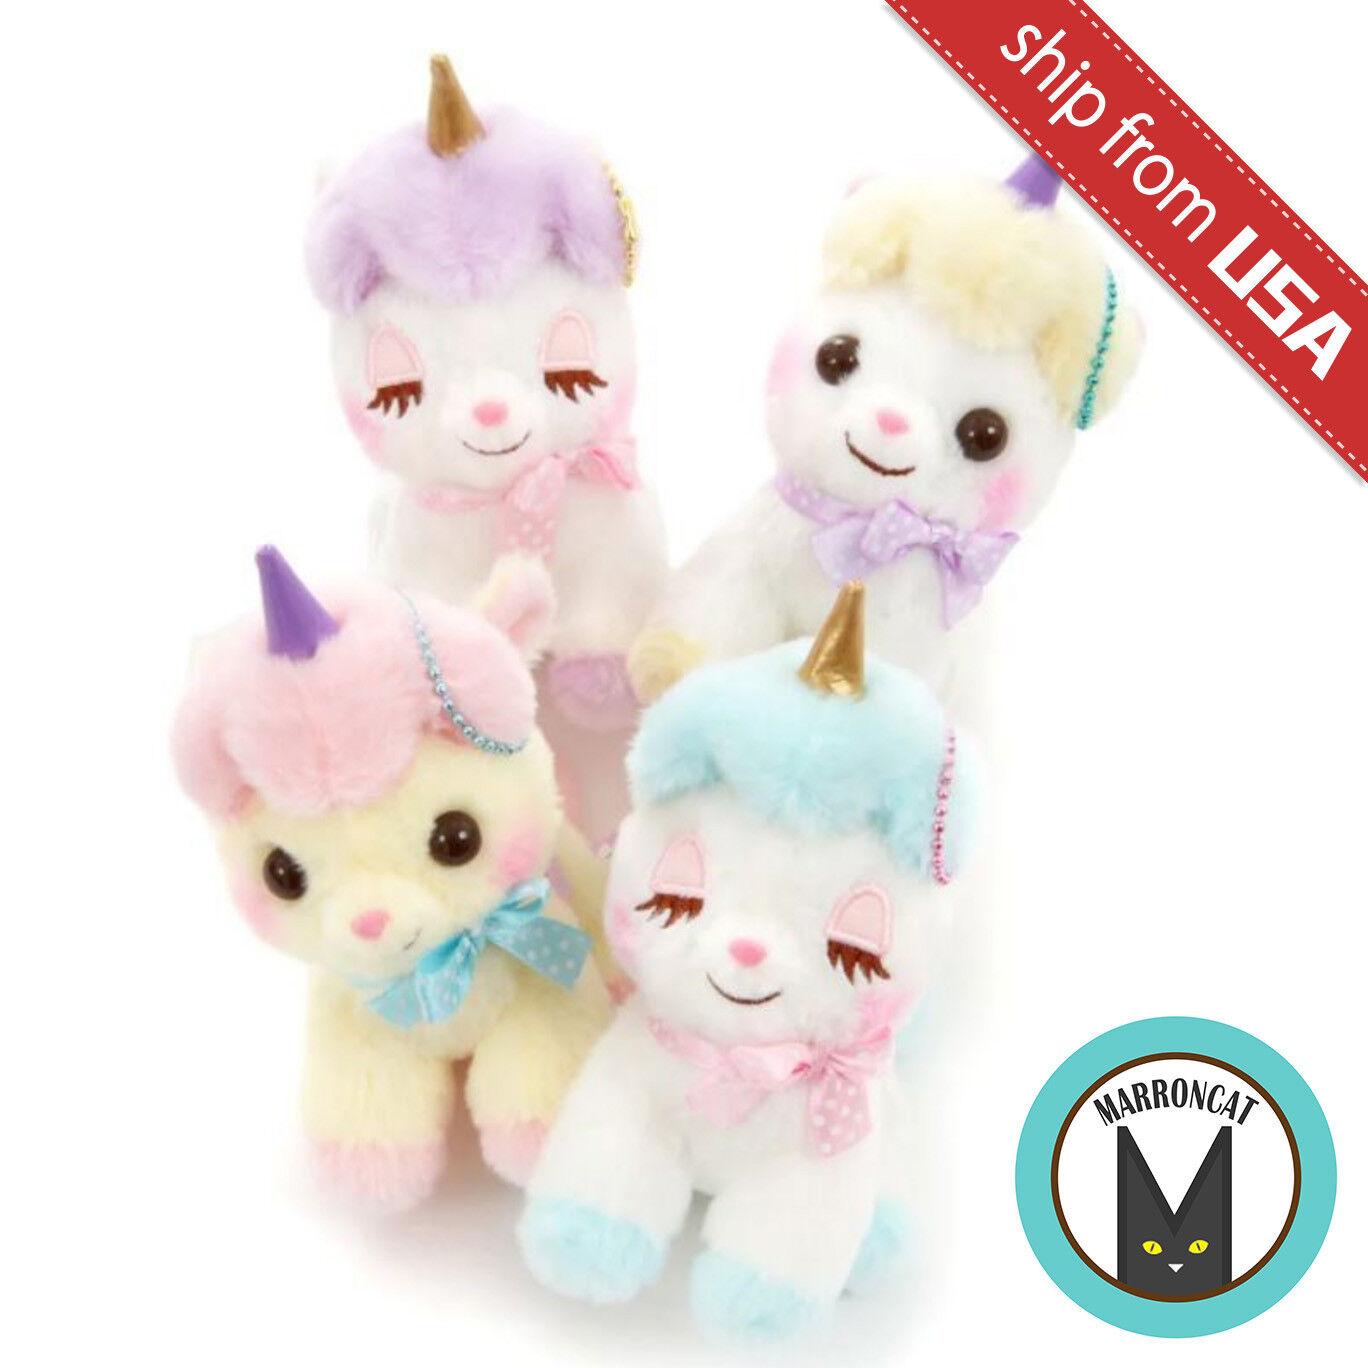 Japan Amuse Unicorn no Cony Plush Ball Chain Soft Toy Mascot